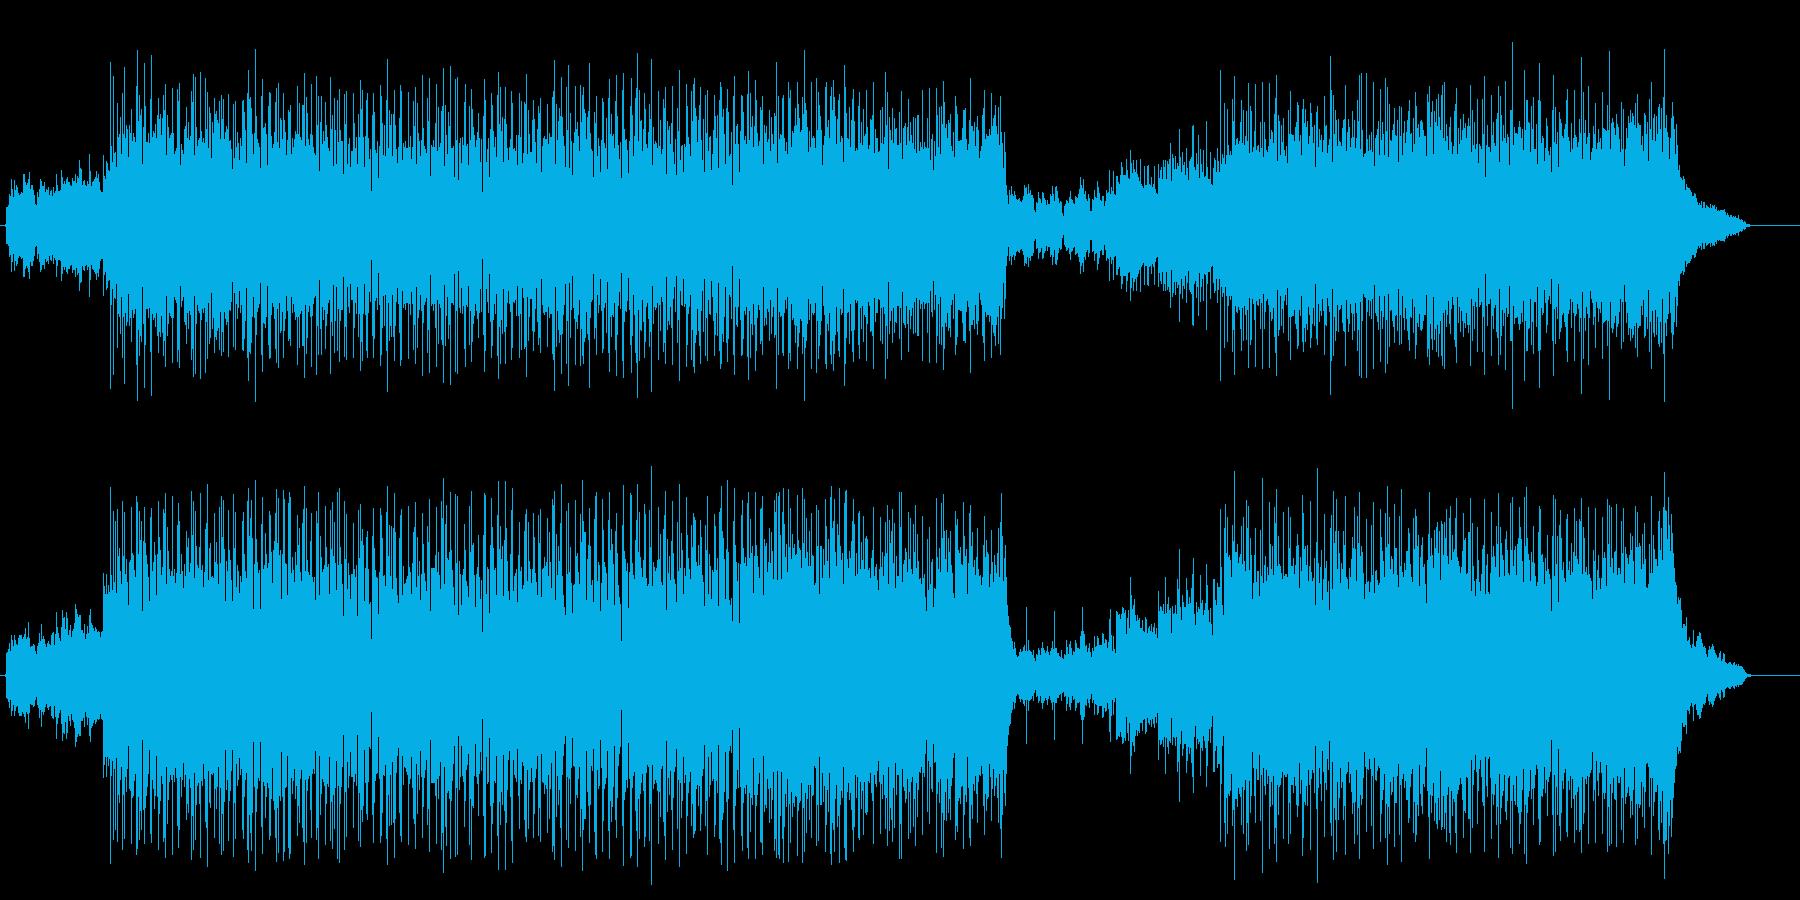 爽やかなアコースティック調ポップロックの再生済みの波形